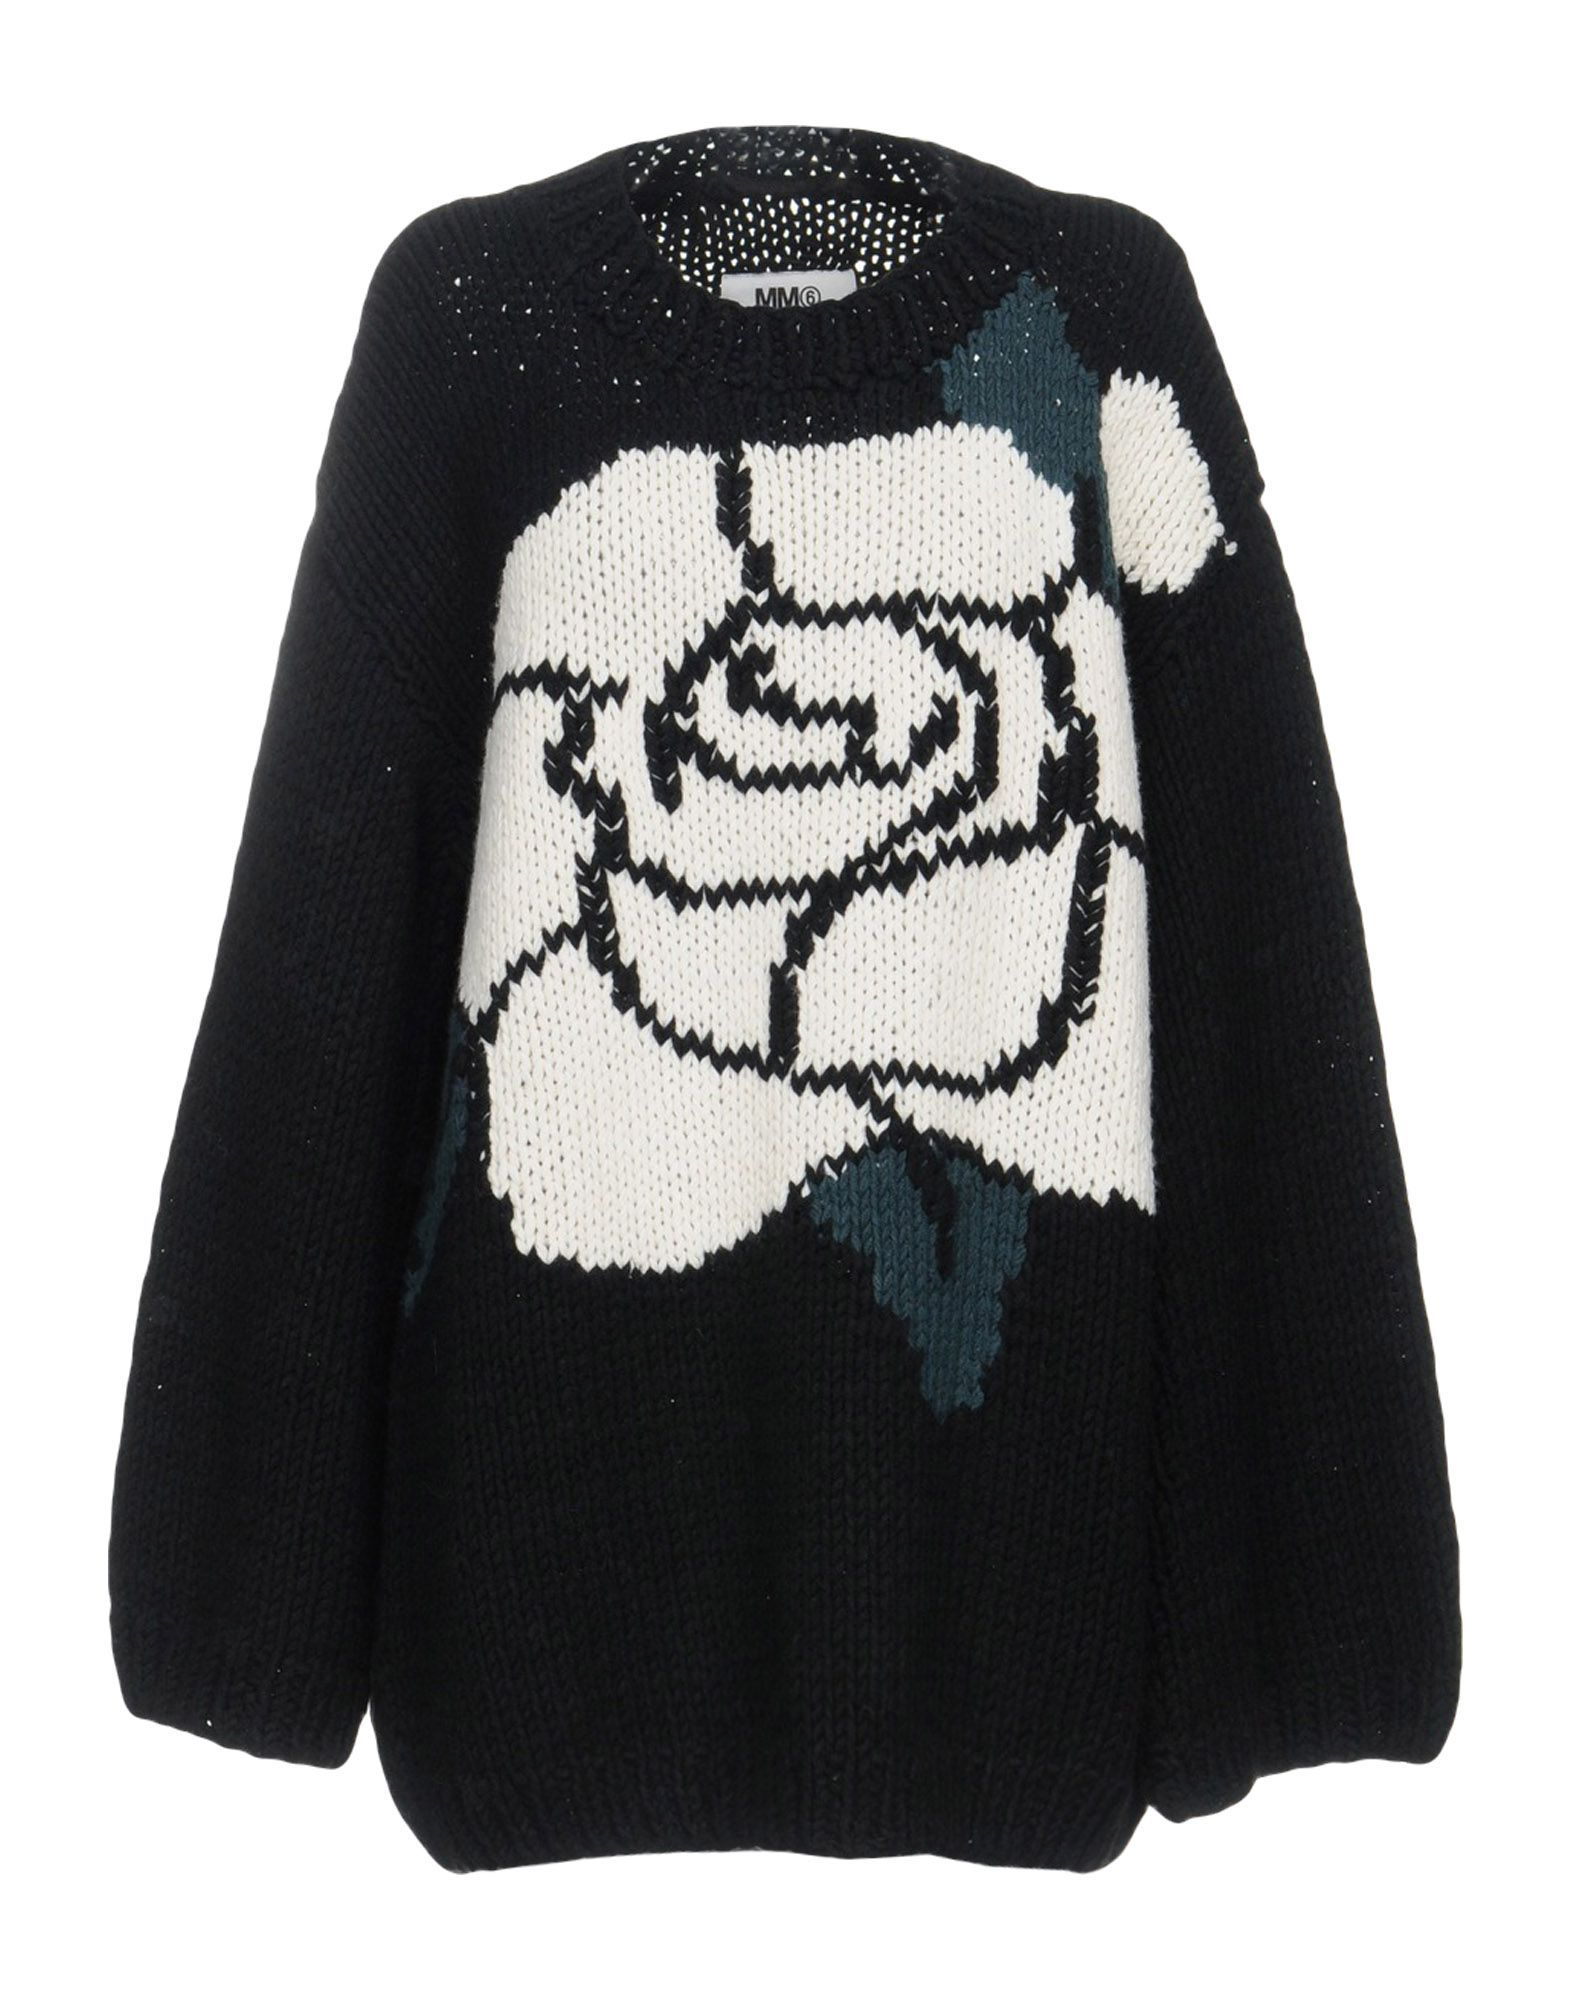 MM6 Maison Margiela Black Wool Floral Design Jumper